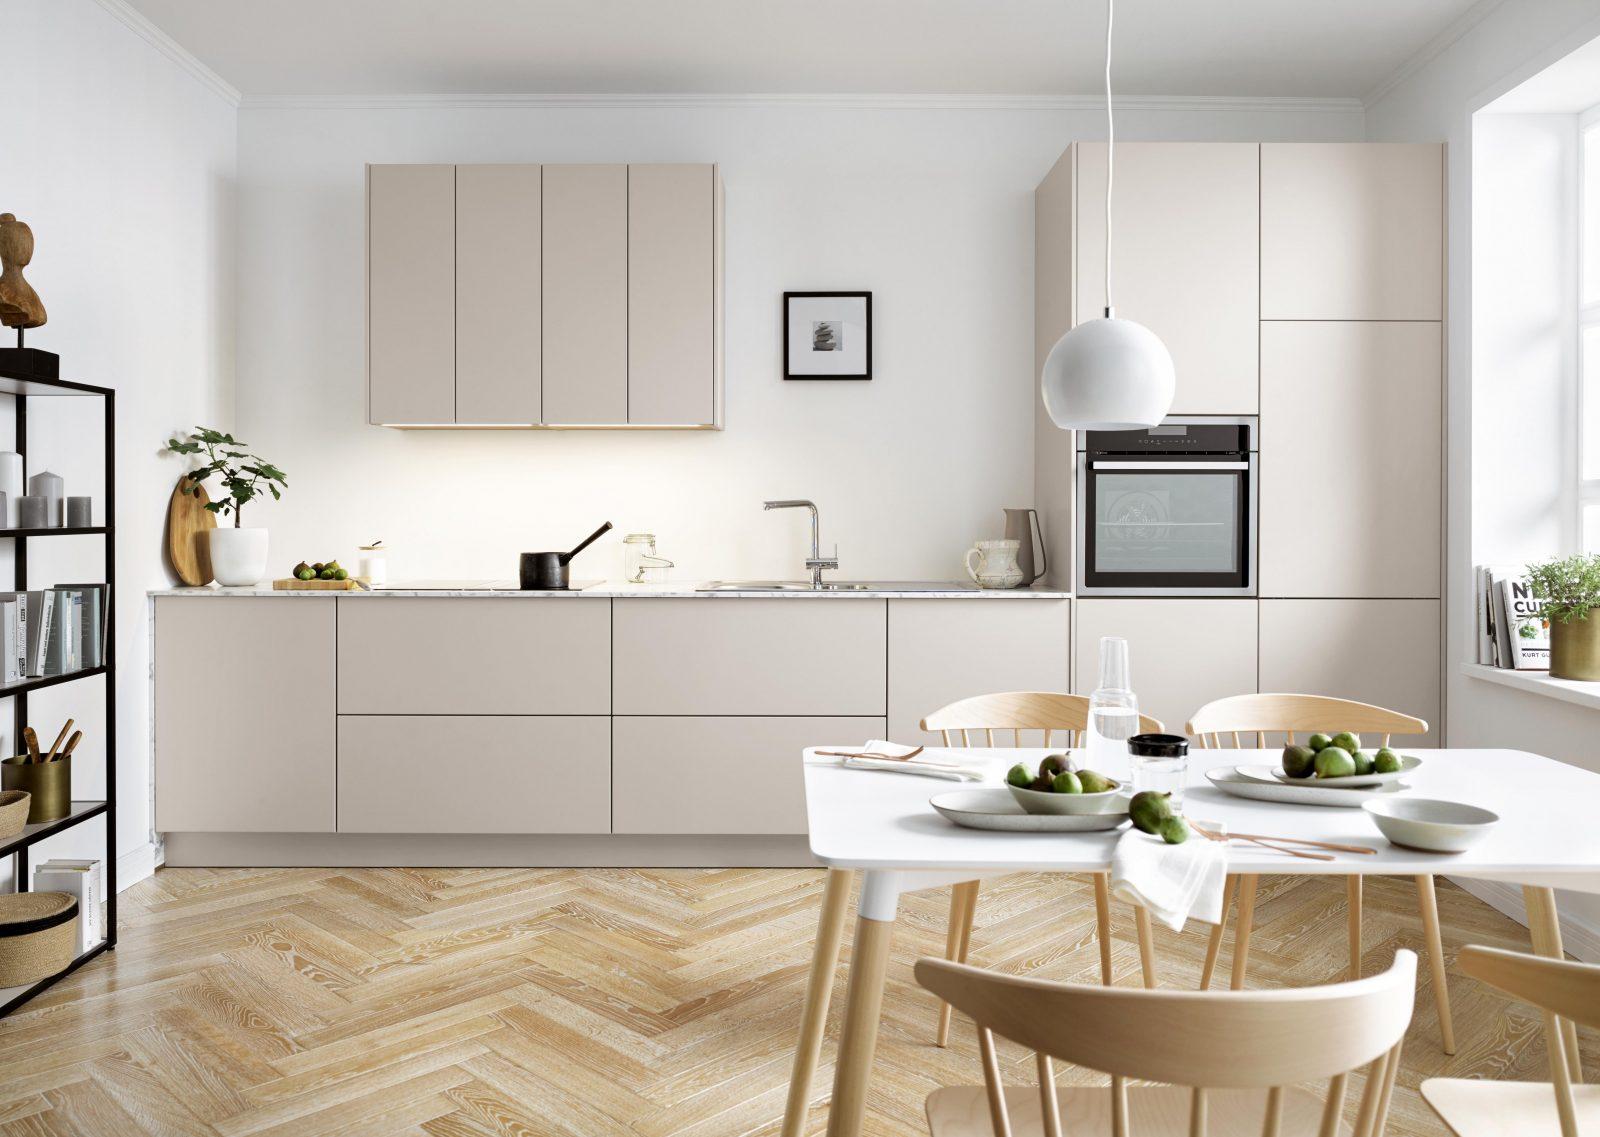 Der Passende Esstisch Für Die Küche von Küche Mit Integriertem Tisch Bild